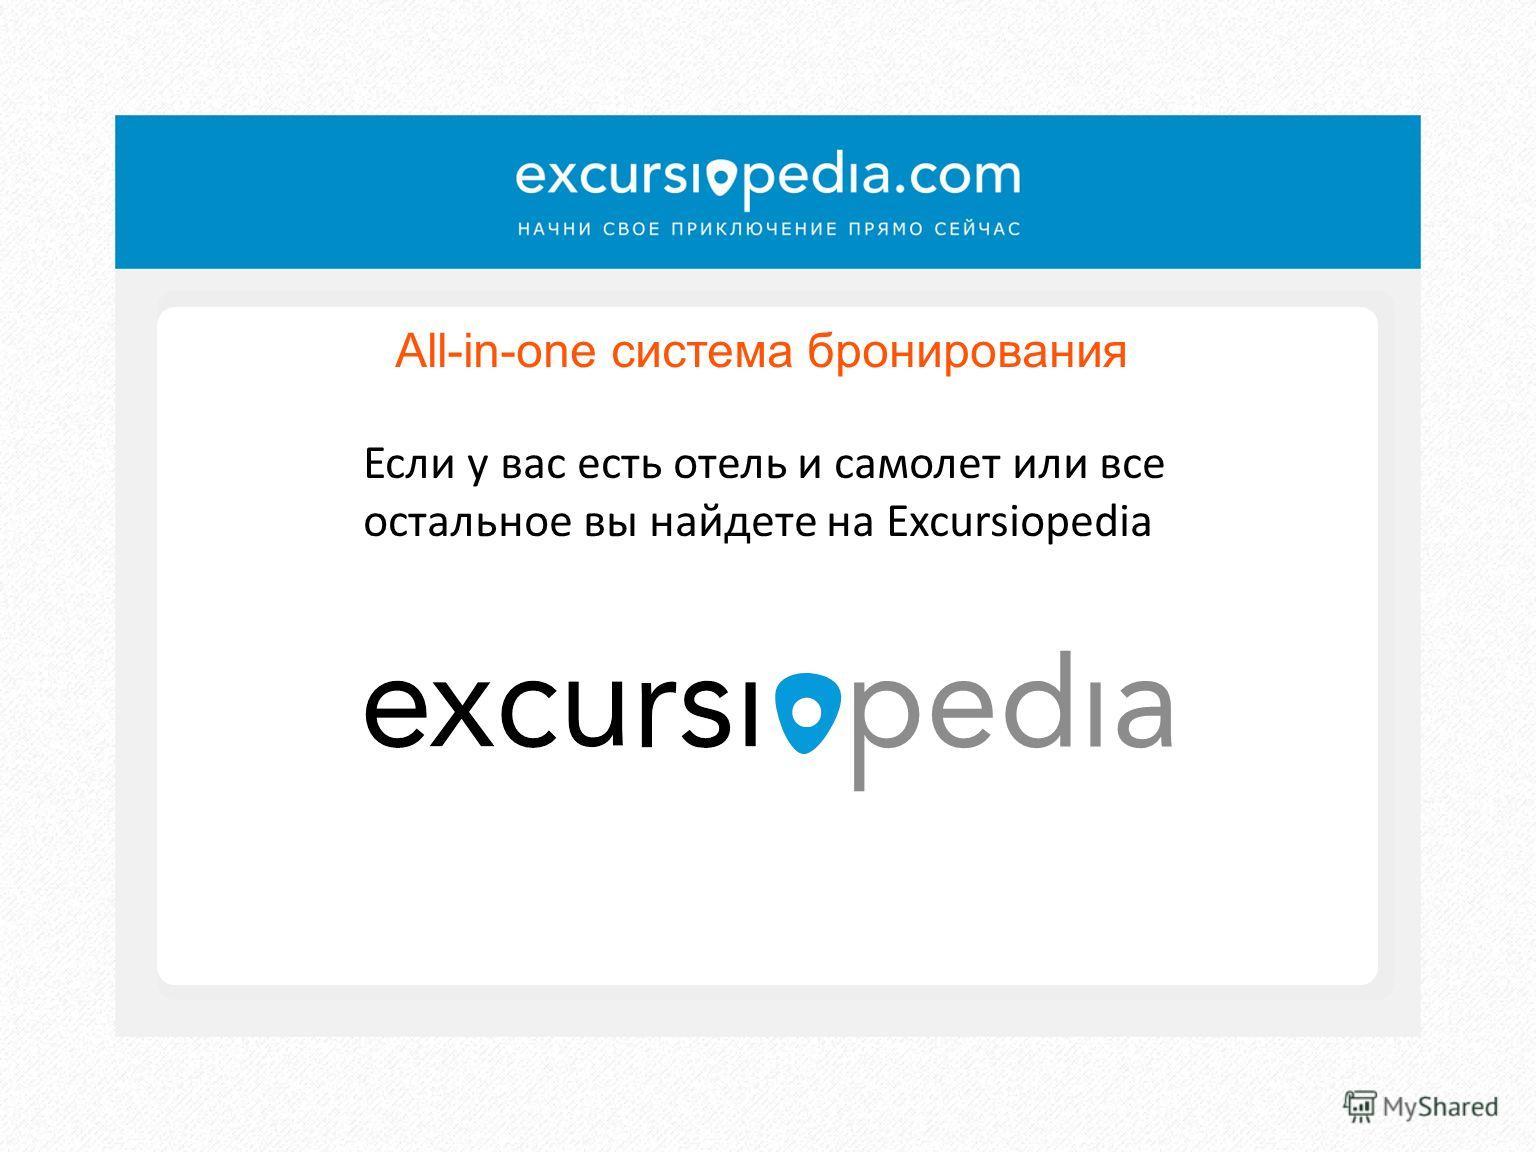 All-in-one система бронирования Если у вас есть отель и самолет или все остальное вы найдете на Excursiopedia